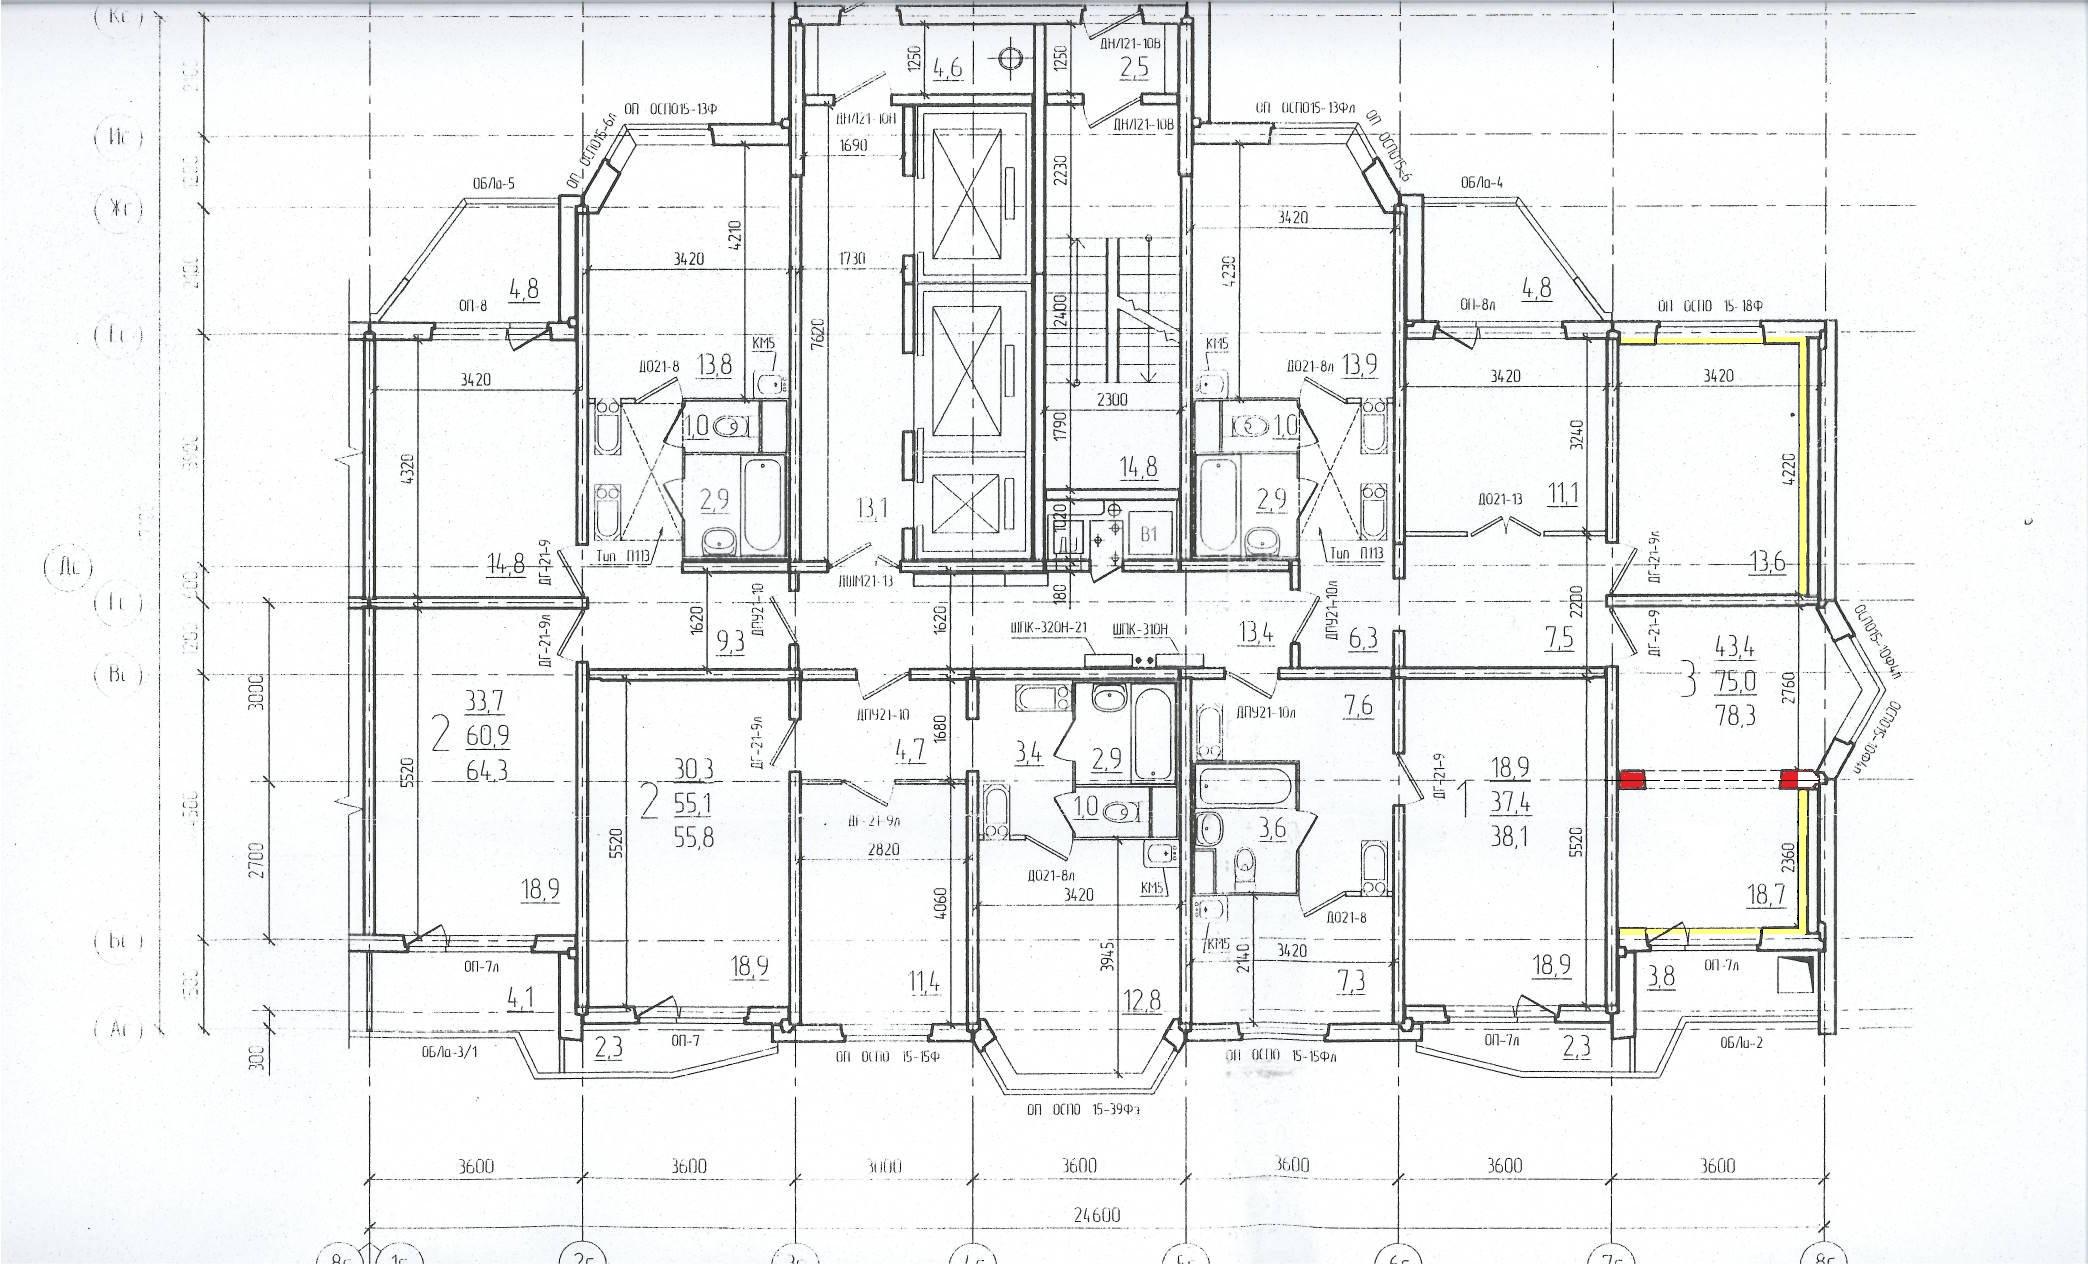 Перепланировка квартир п-44т, варианты перепланировок кварти.